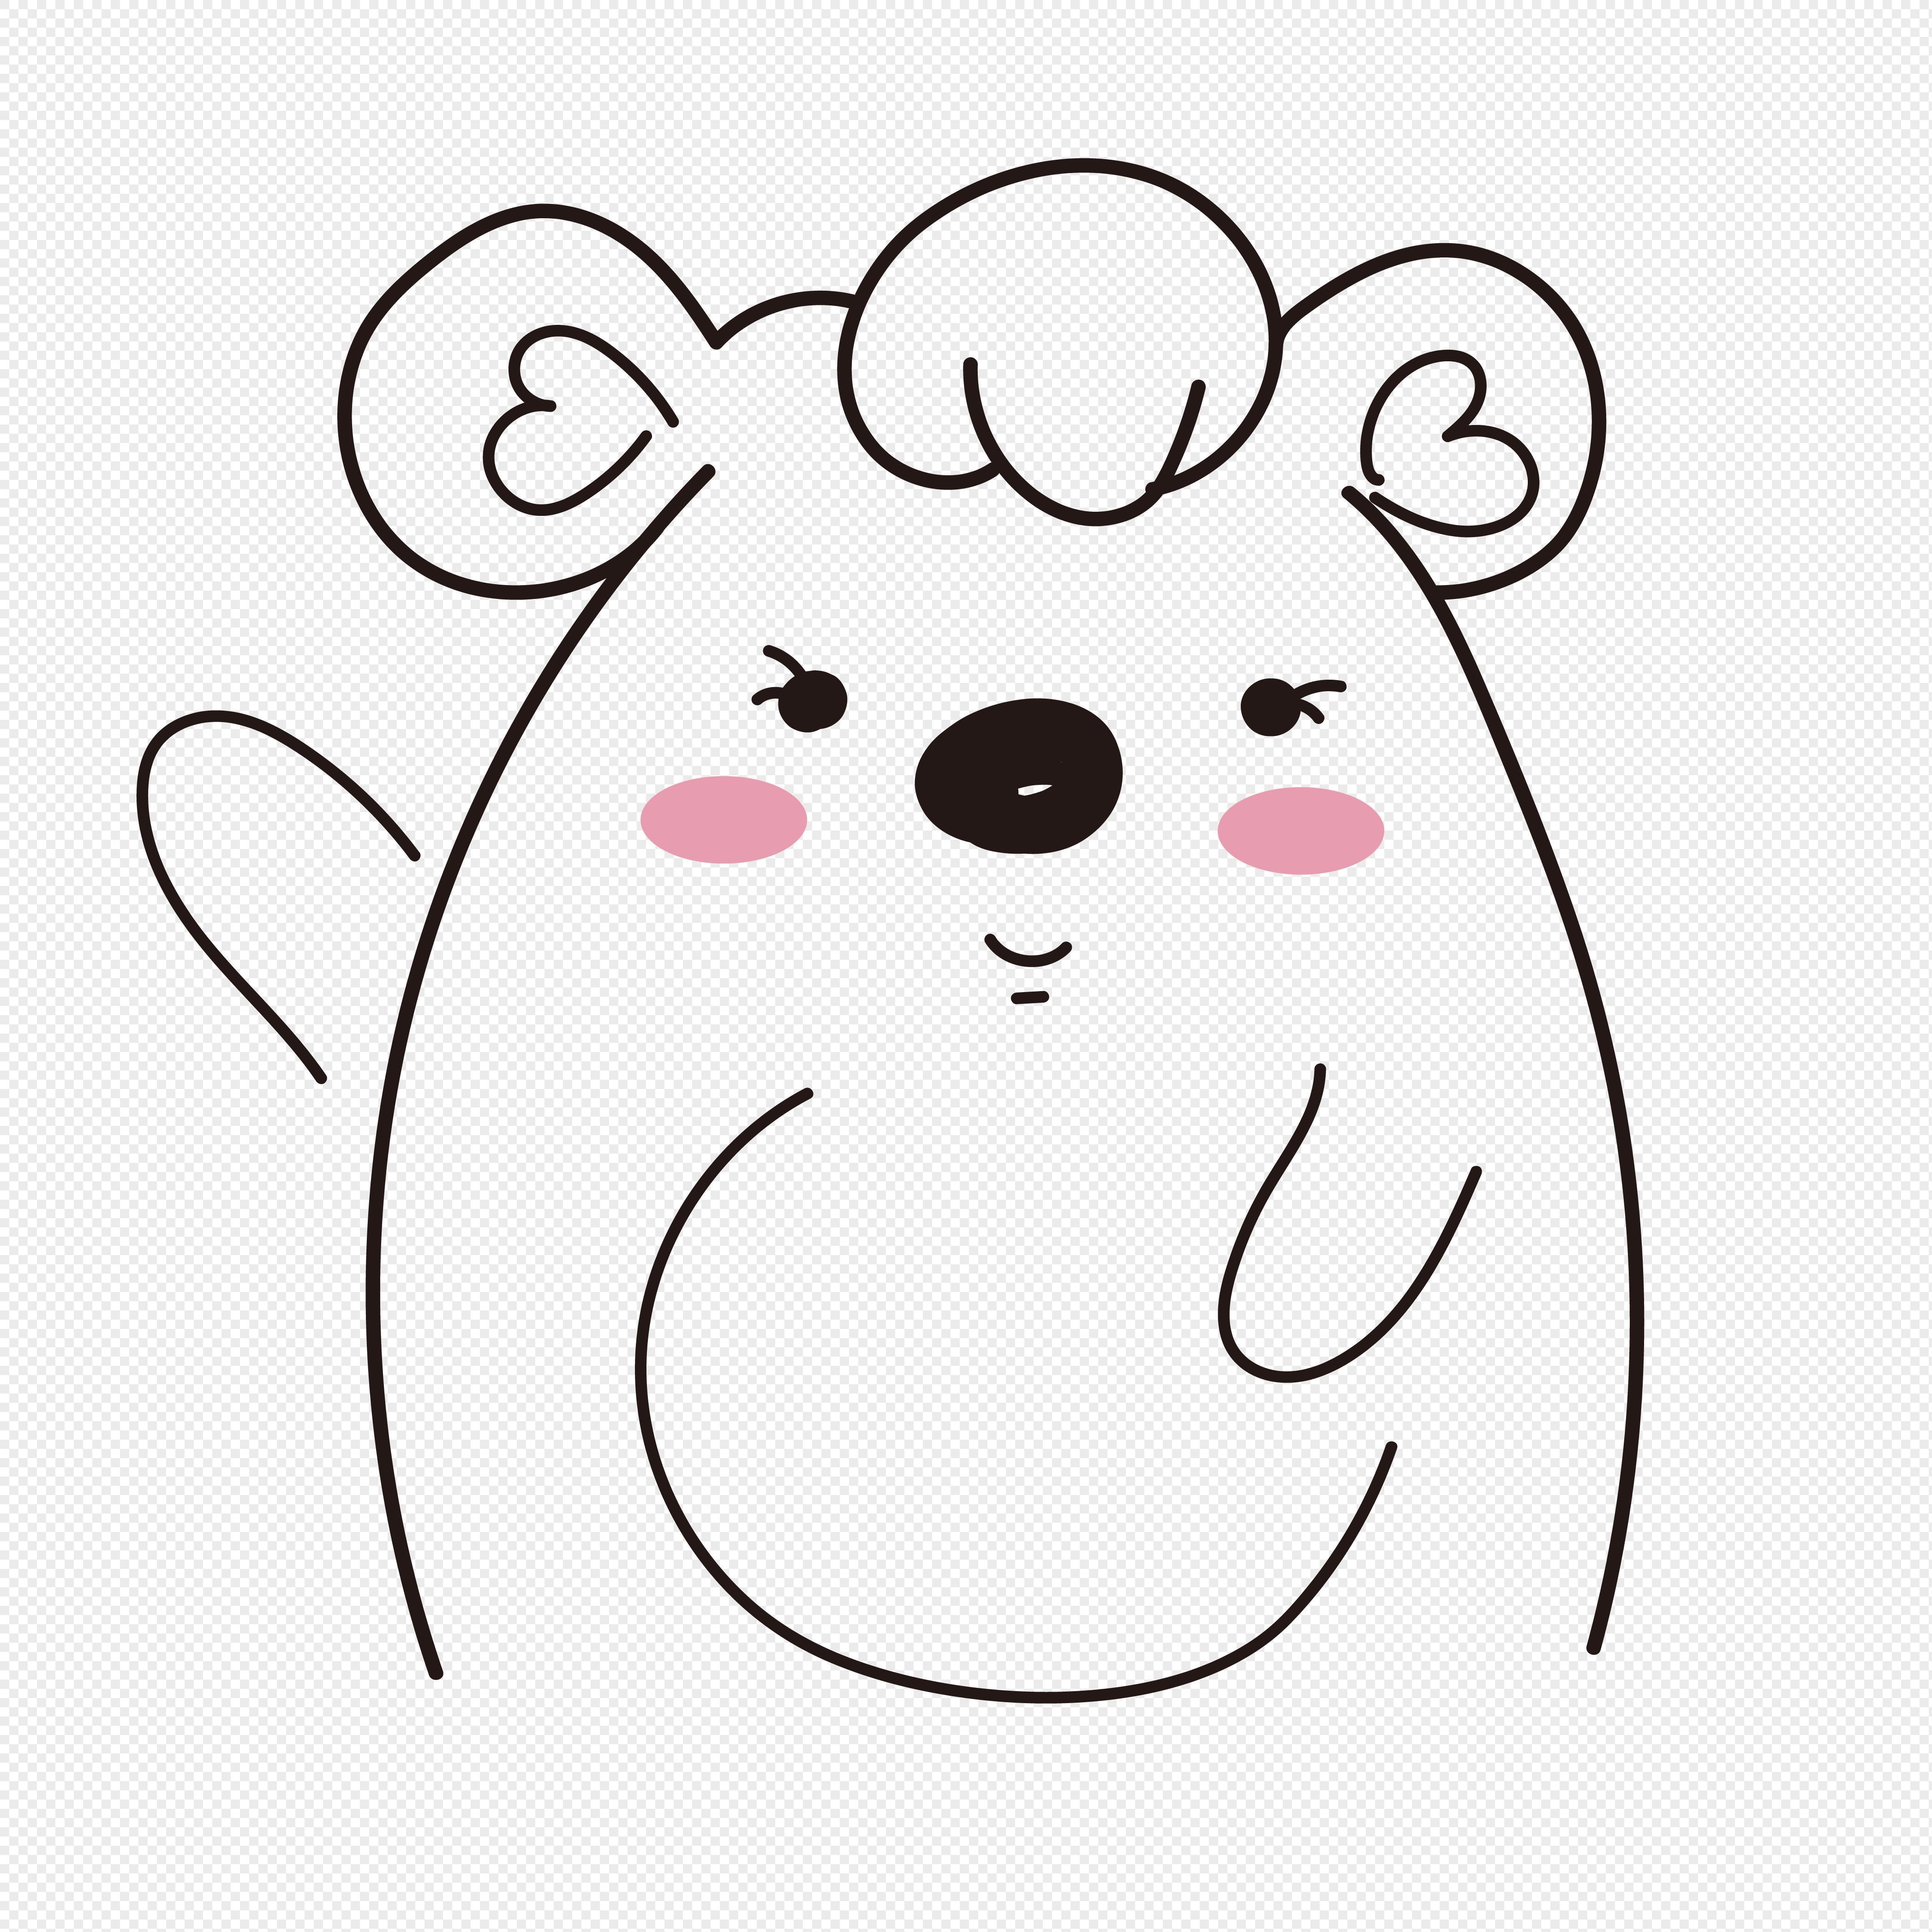 卡通熊儿童涂鸦线条简笔画